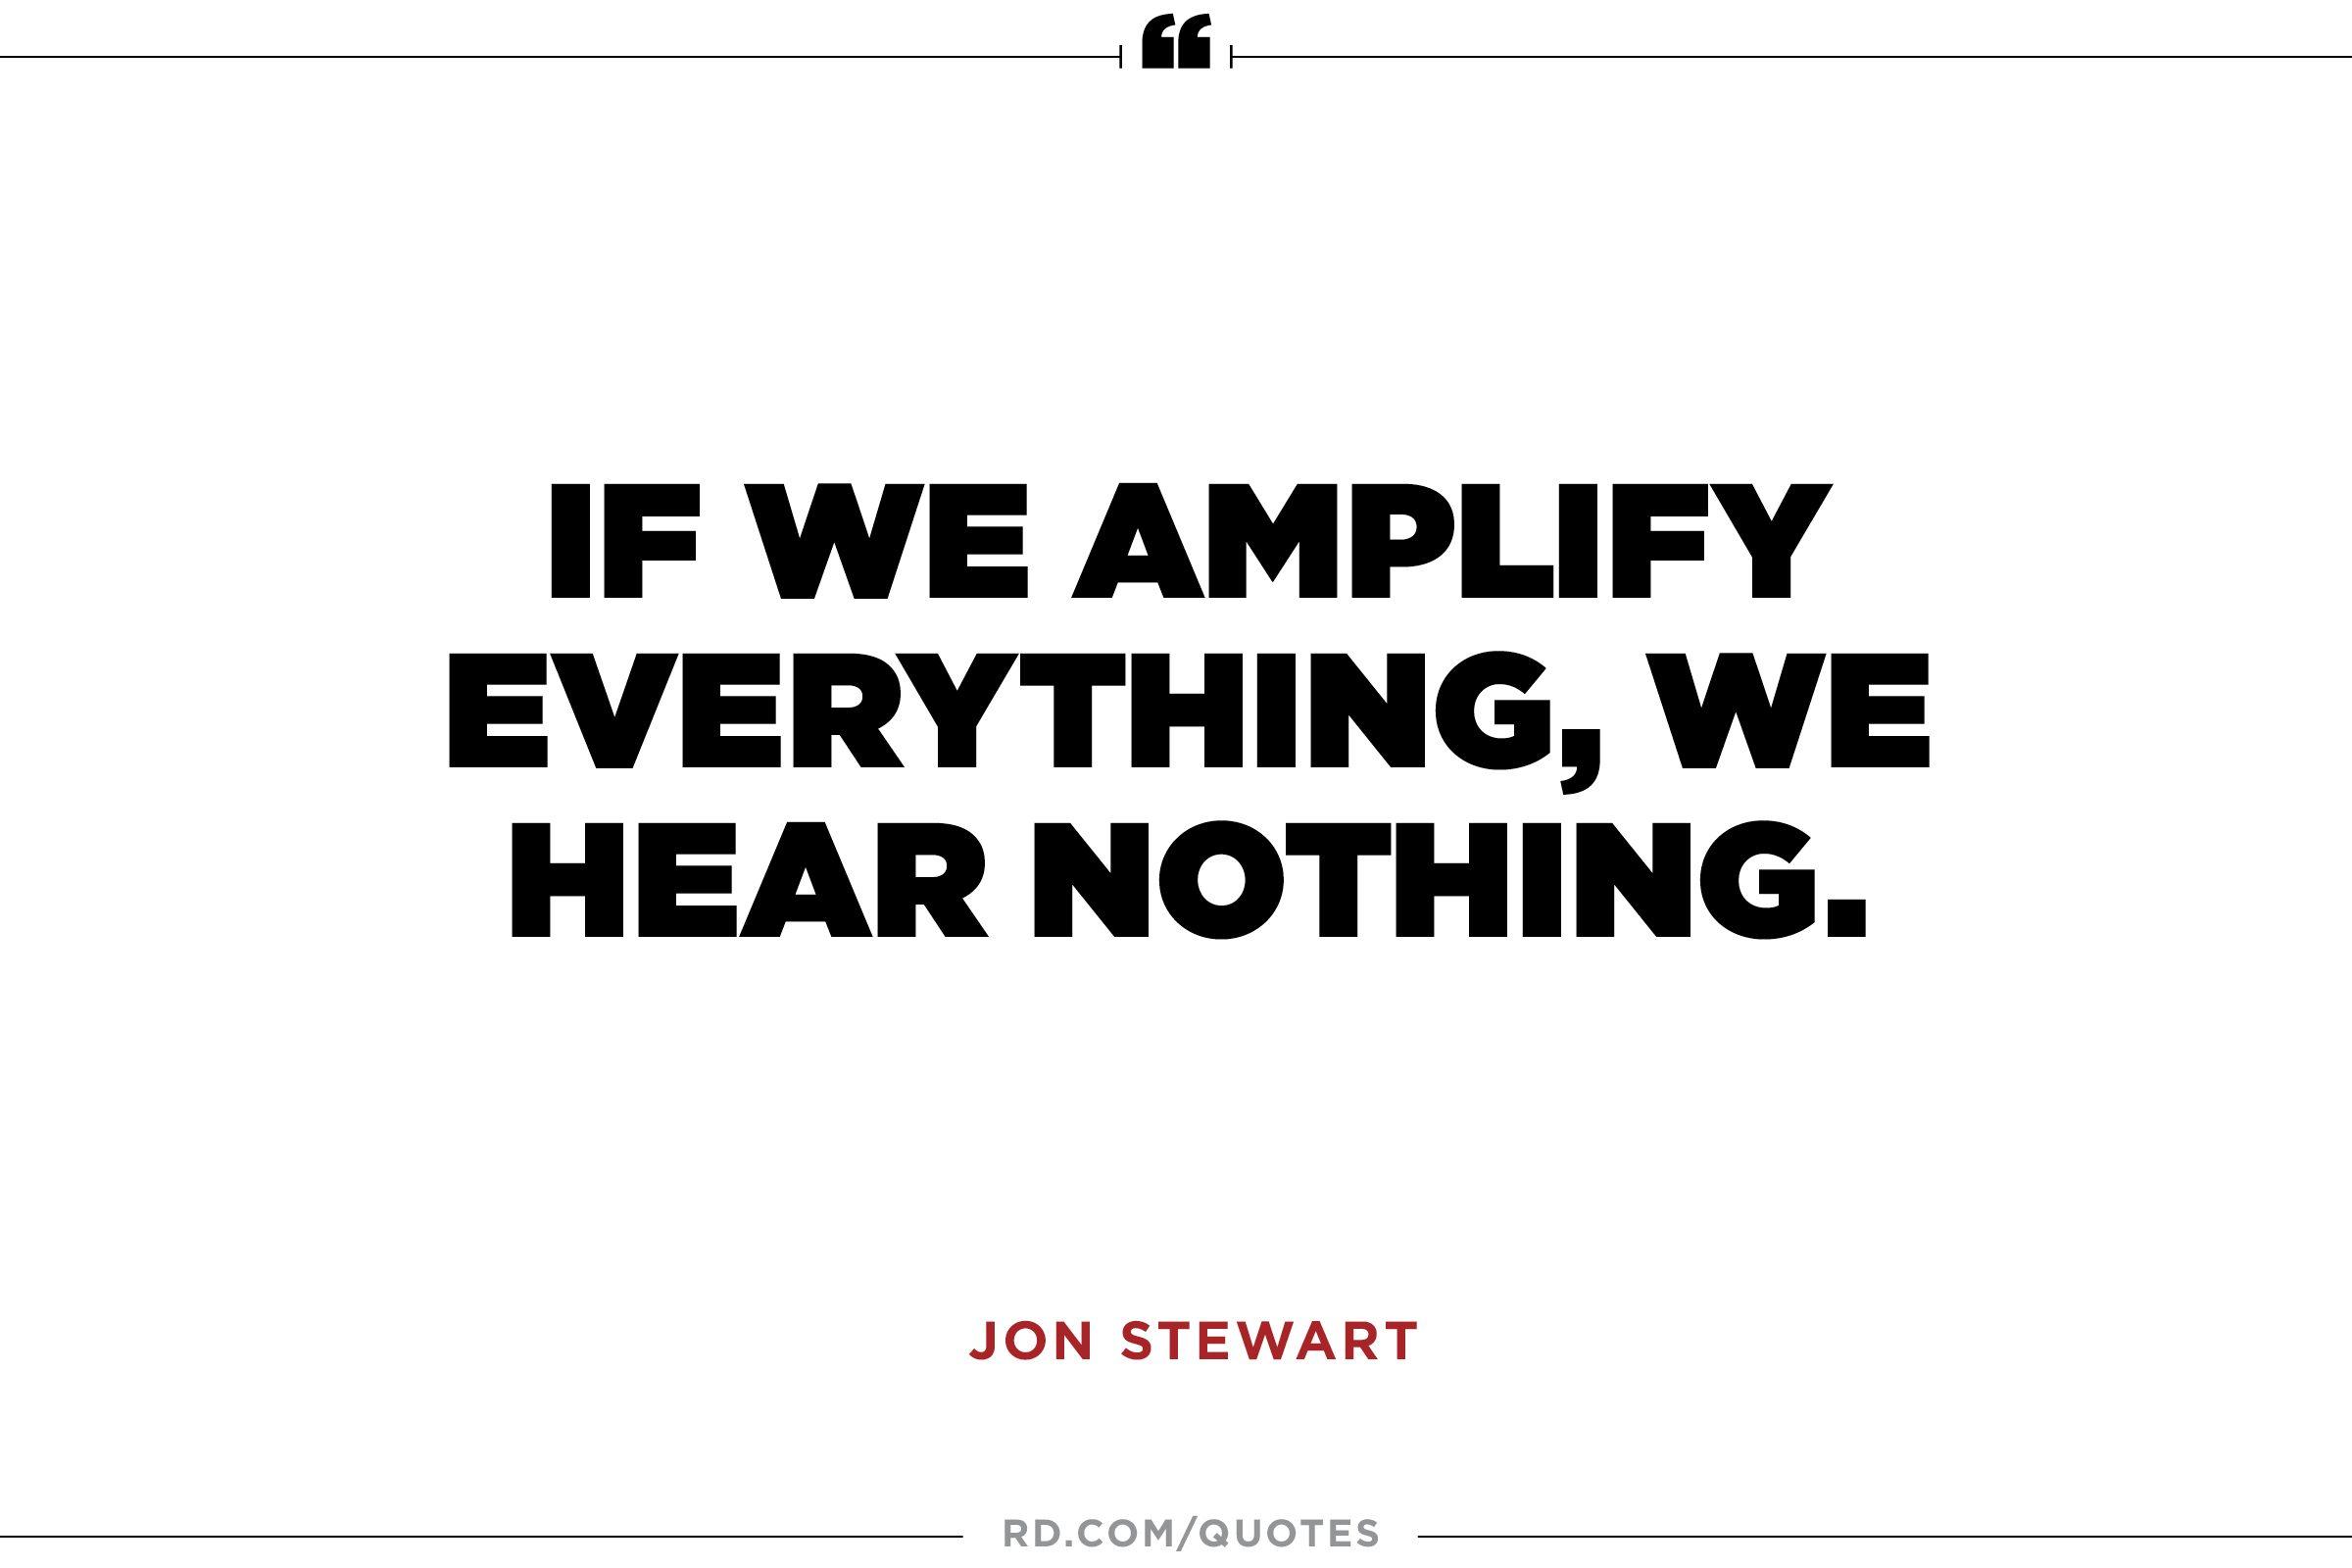 Jon Stewart on Noise